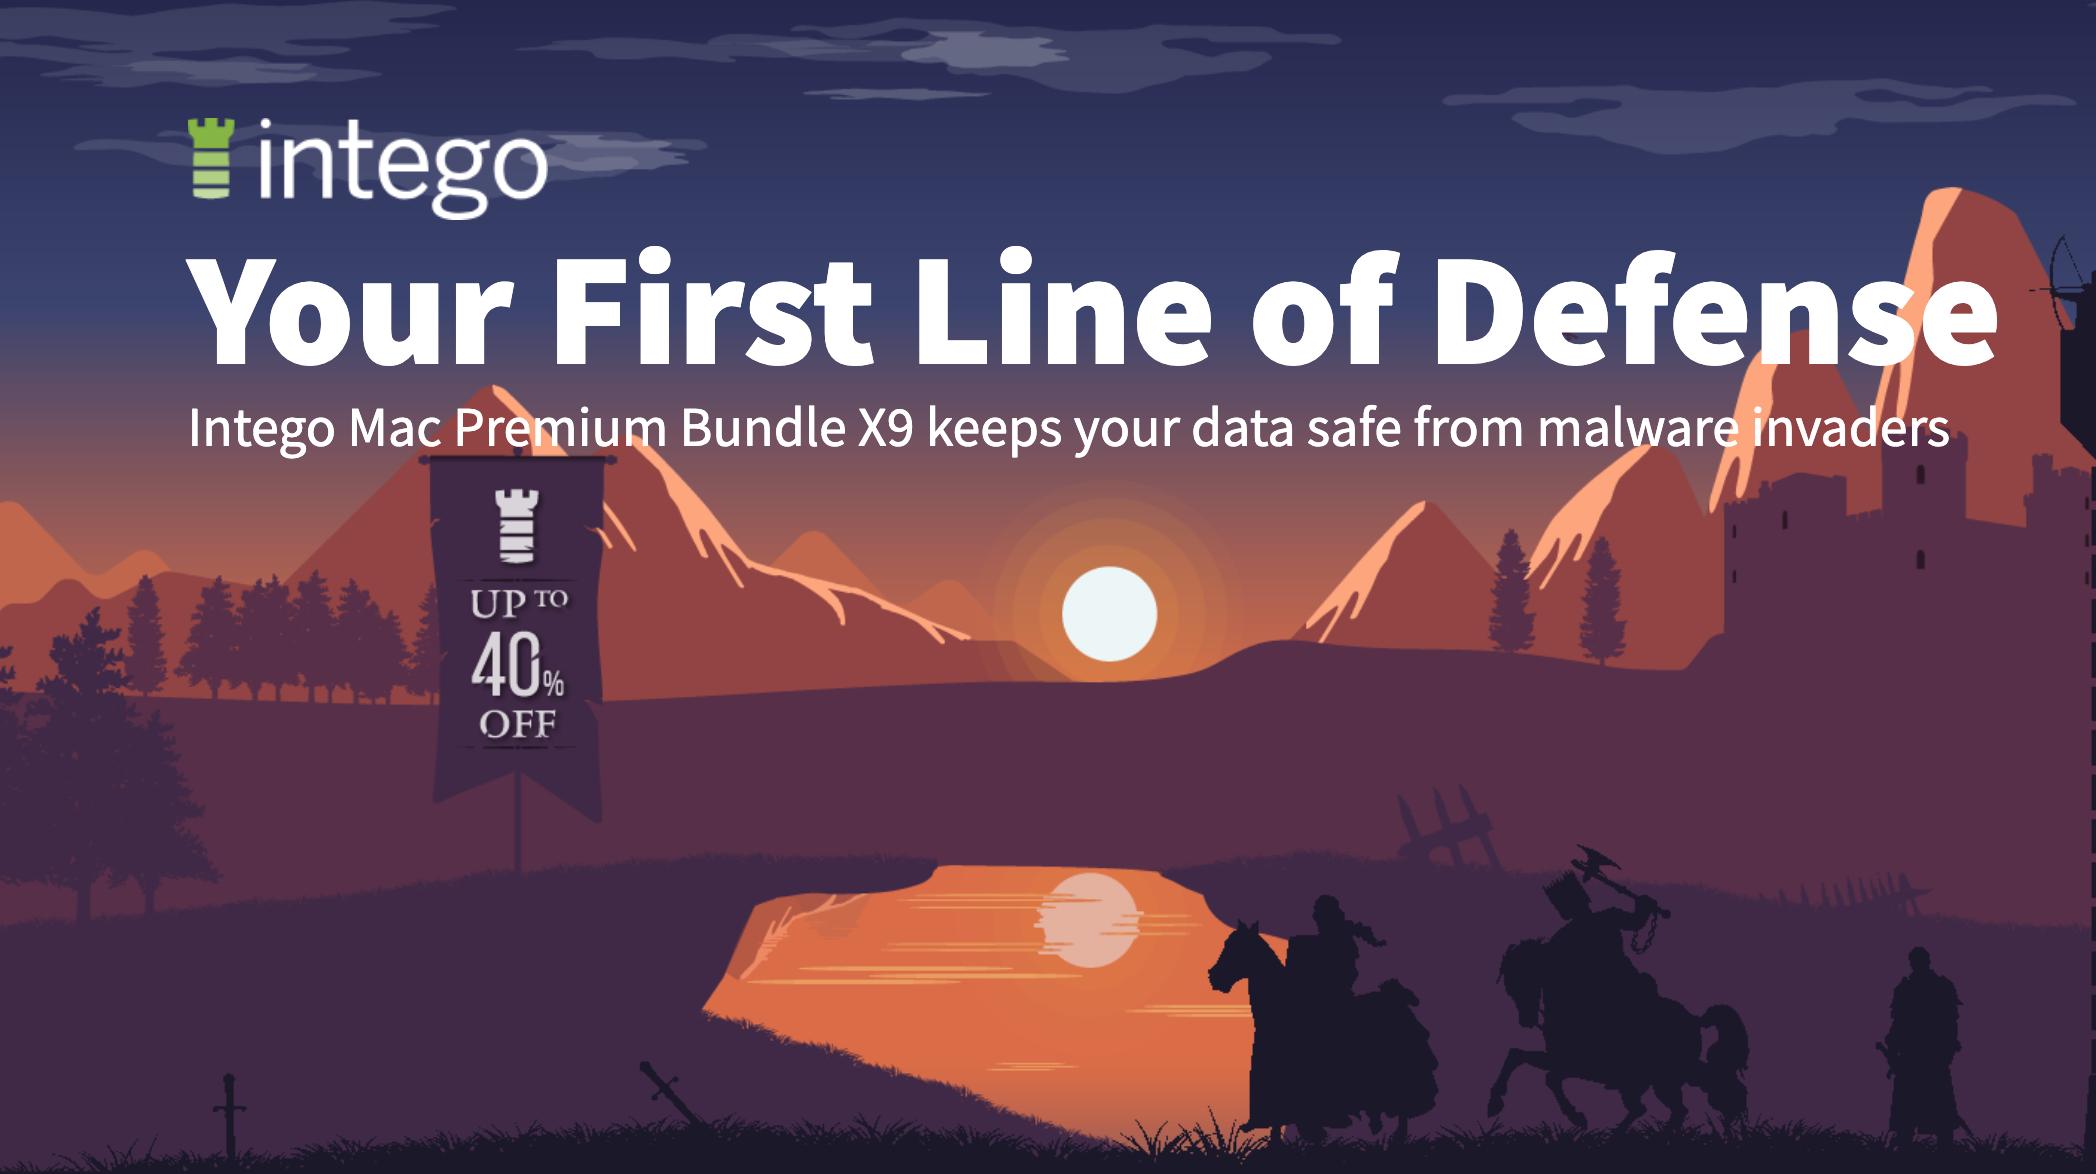 Антивірус Intego Mac Premium Bundle X9 — система захисту для вашого Mac